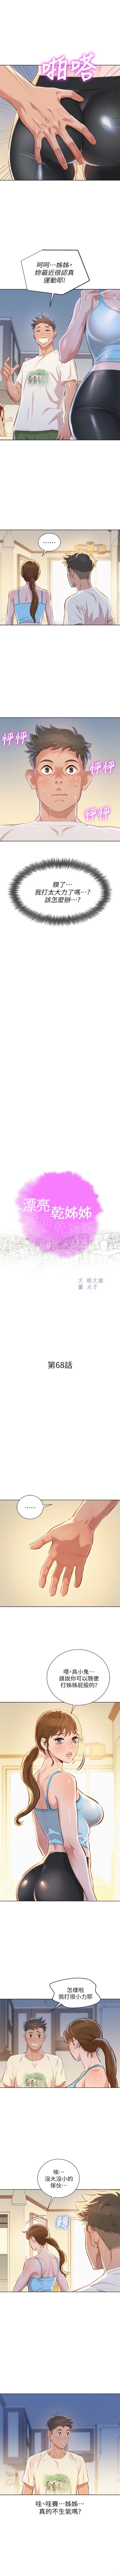 (周7)漂亮干姐姐  1-79 中文翻译 (更新中) 367